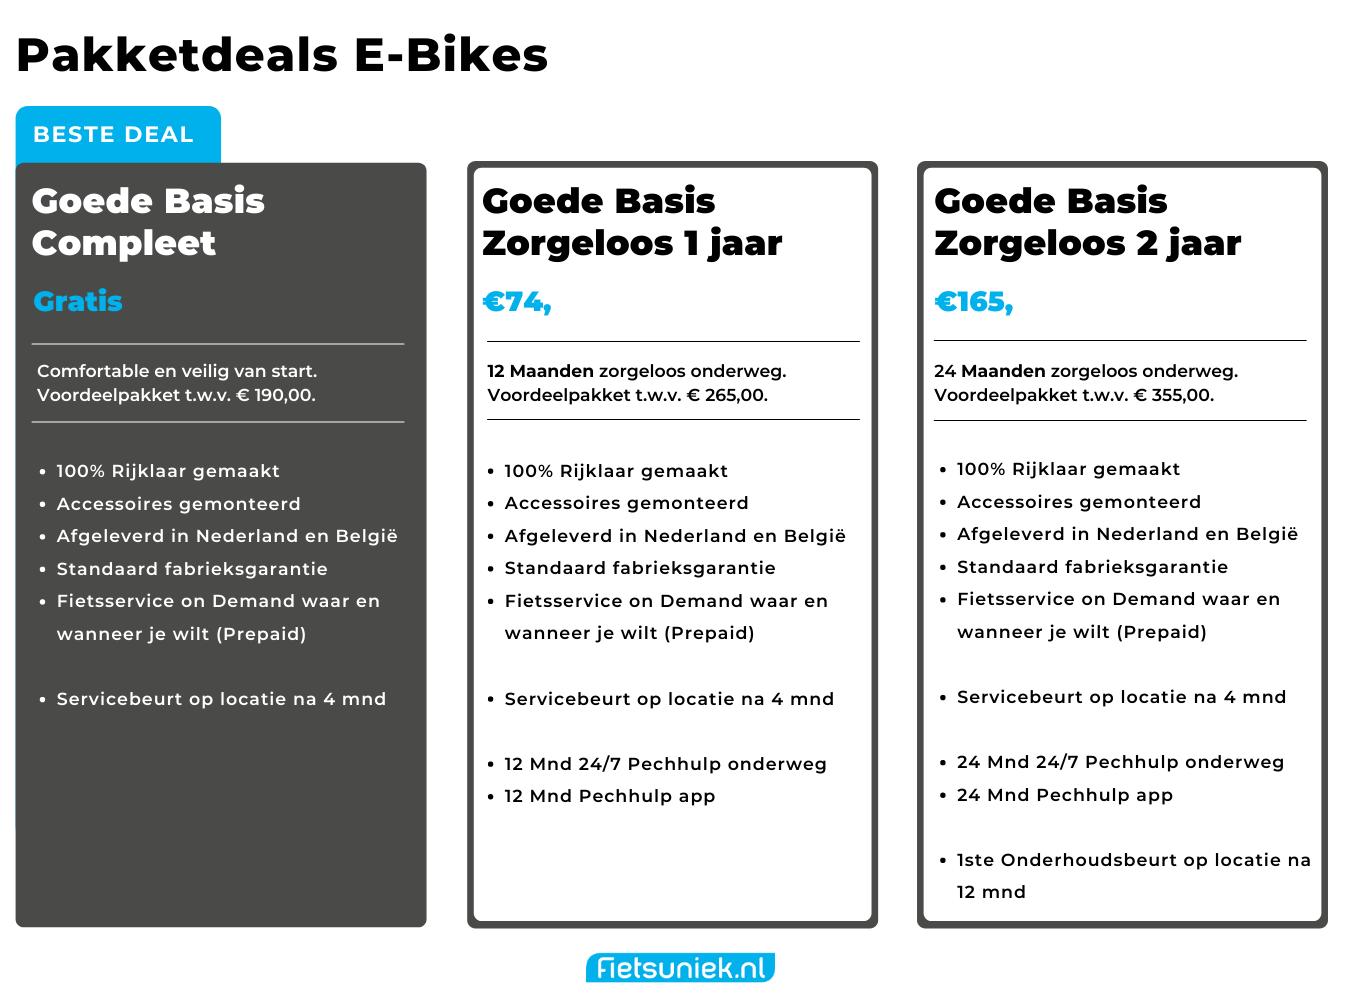 Fietsuniek Pakketdeals E-Bikes. De beste servicedeal tegen een scherpe prijs.